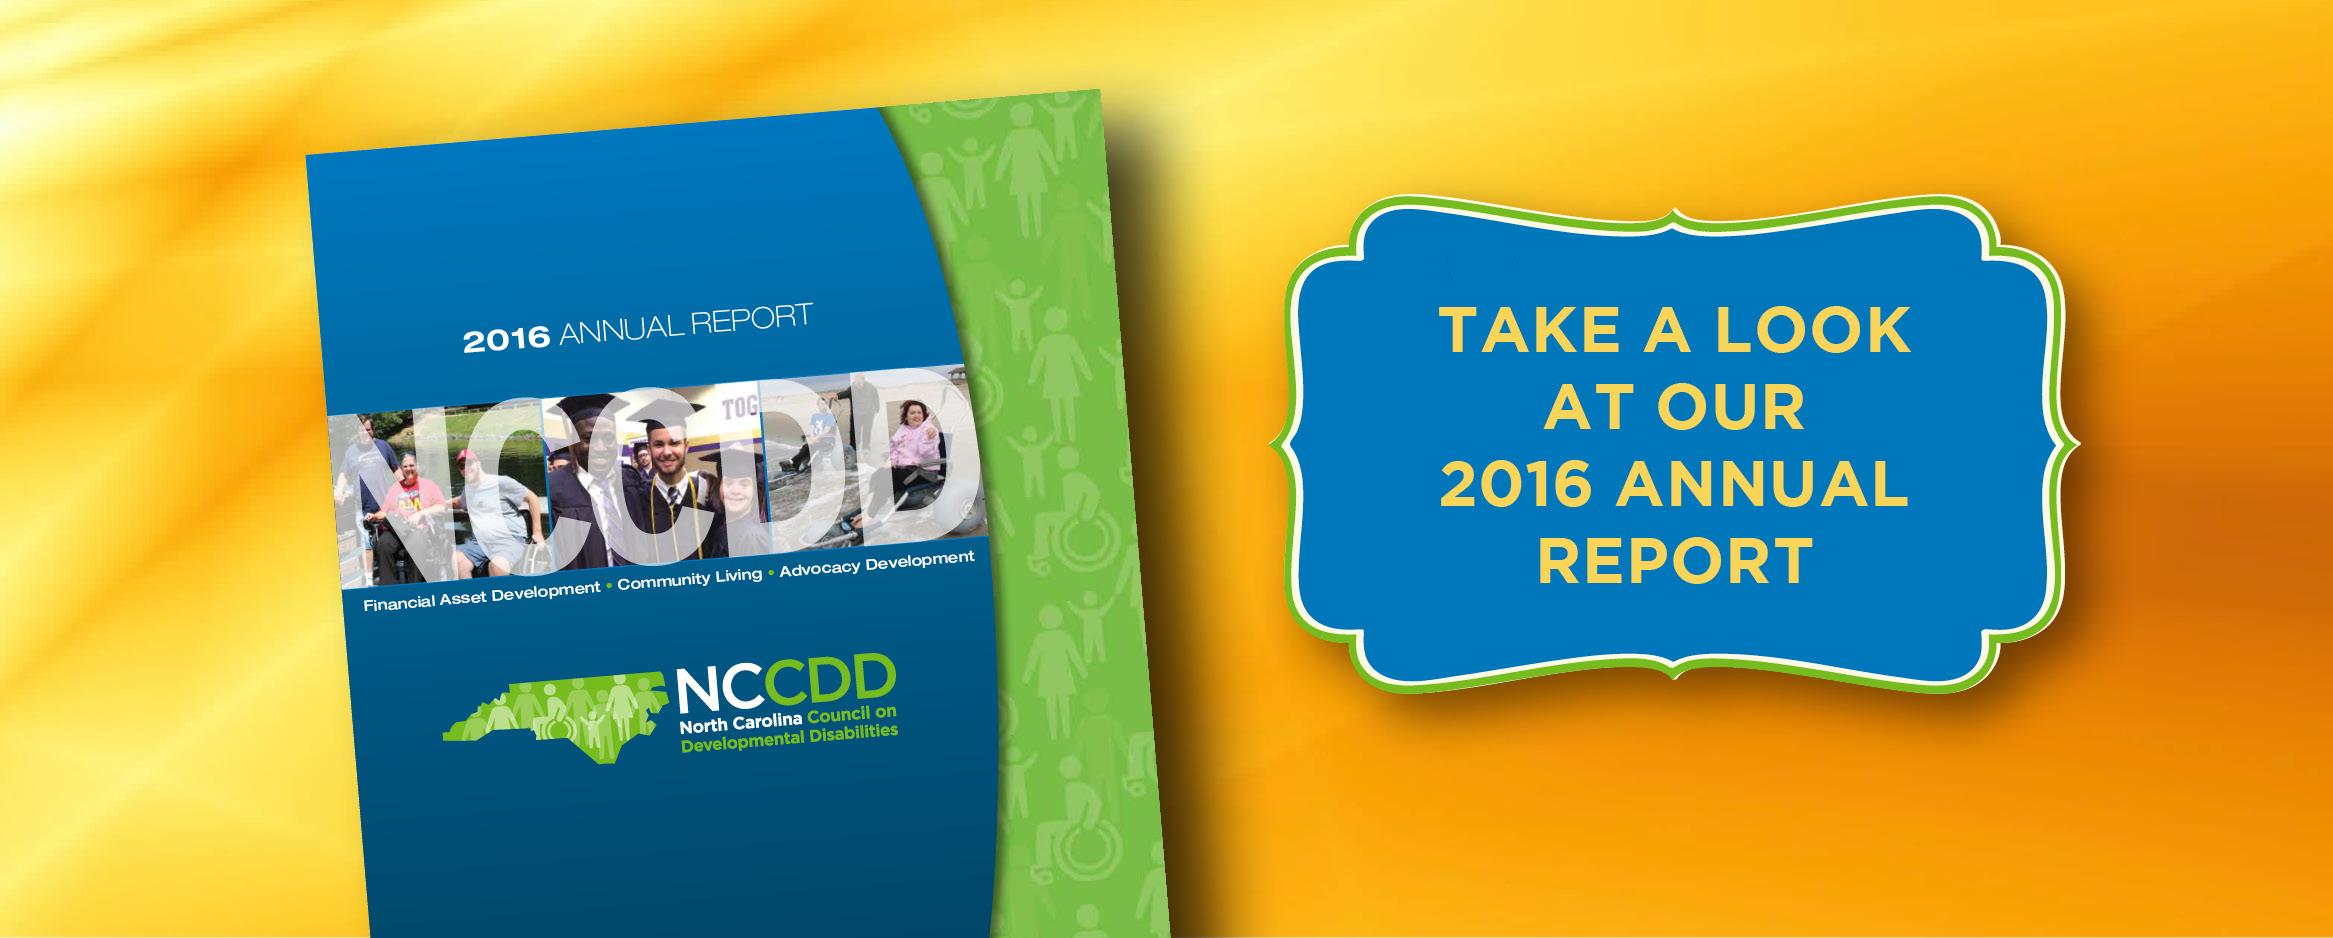 NCCDD 2016 Annual Report